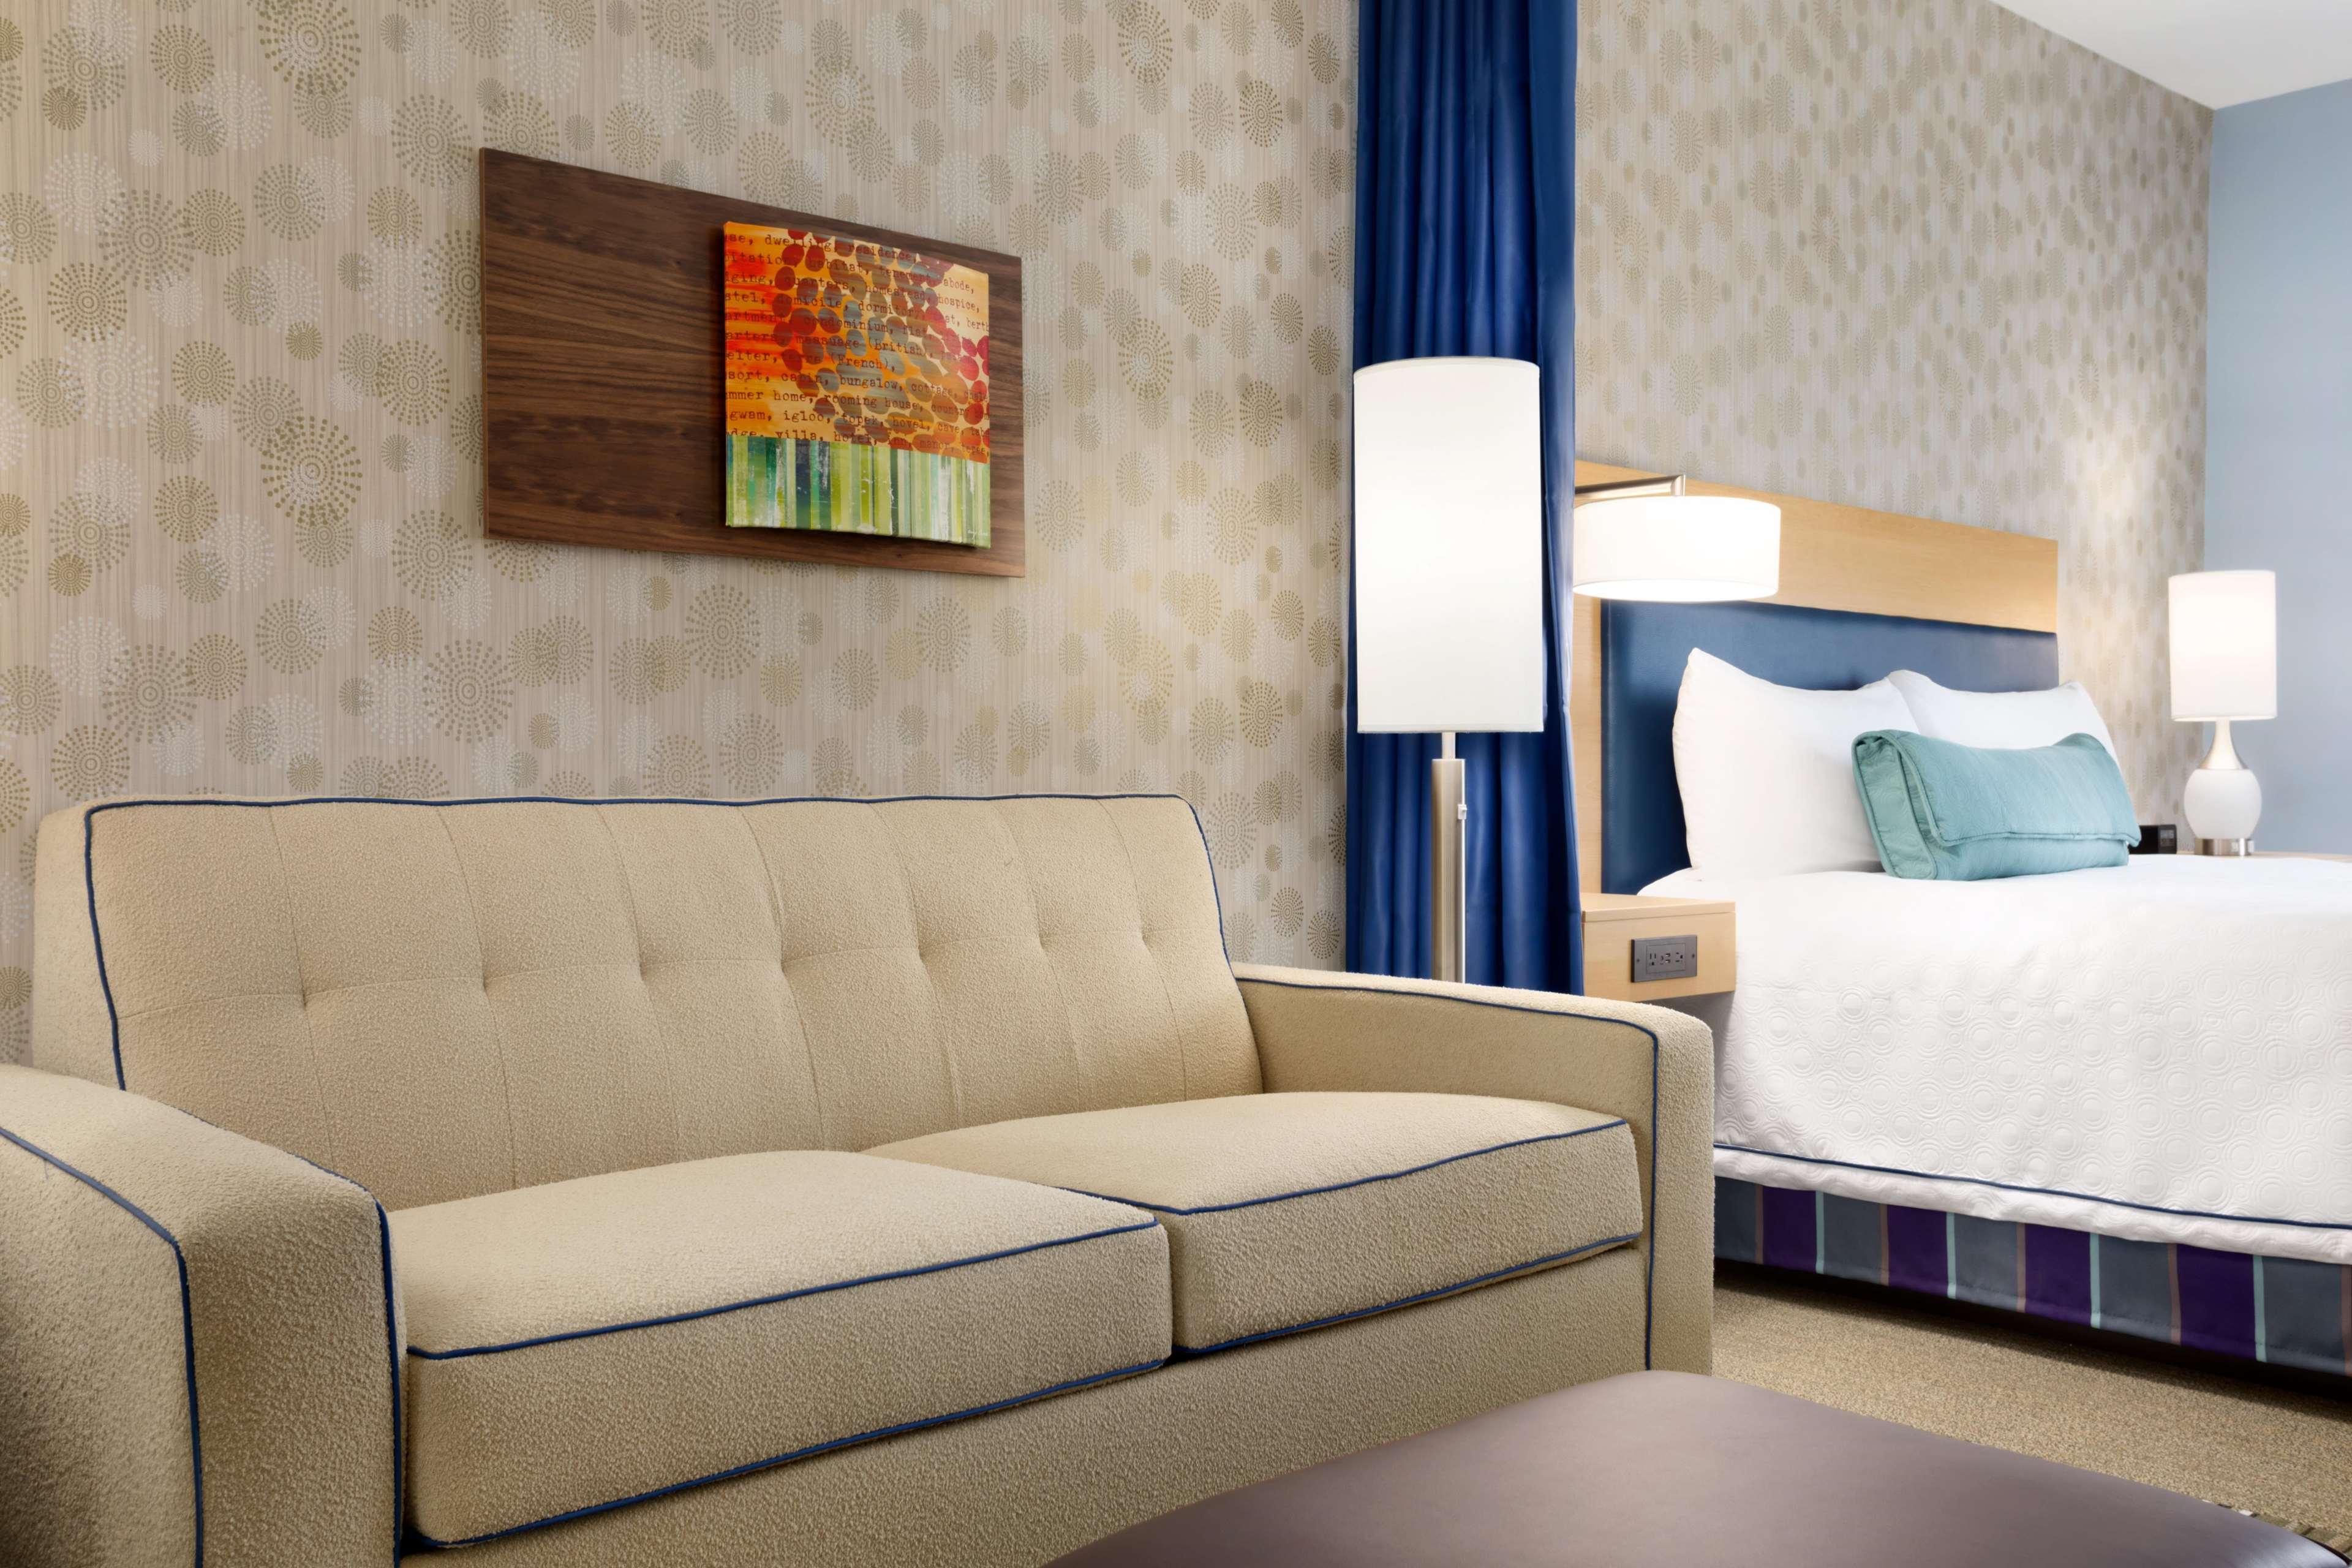 Home2 Suites by Hilton McAllen image 26